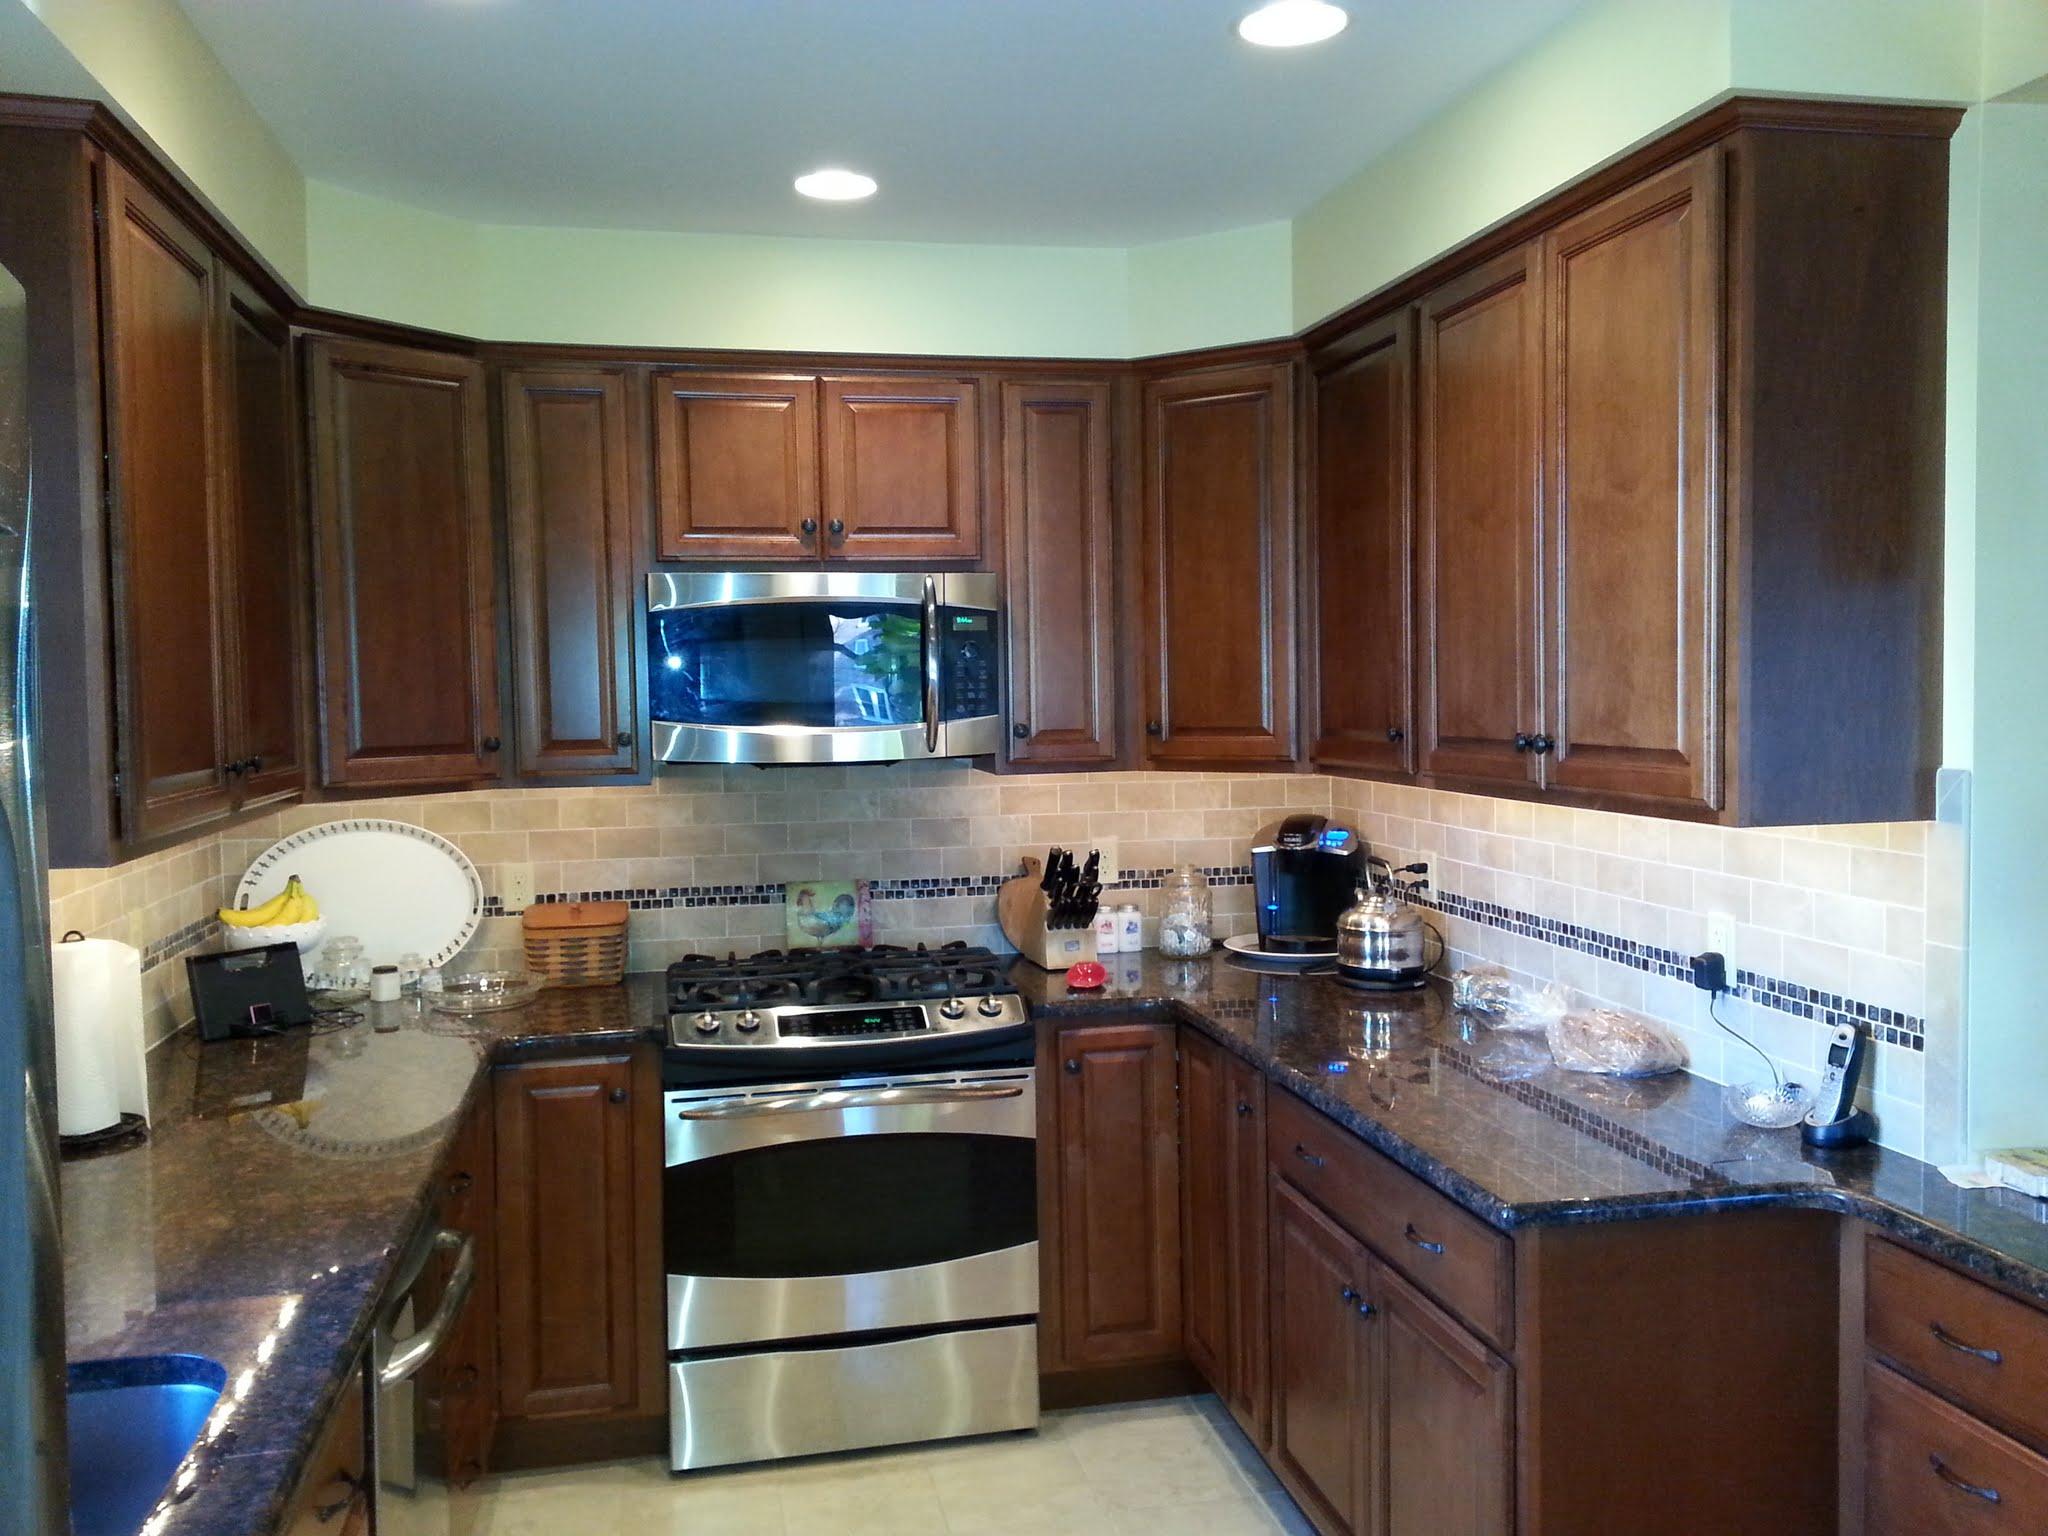 Picasa - Kitchen renovation using KraftMaid cabinets and granite countertops.jpg